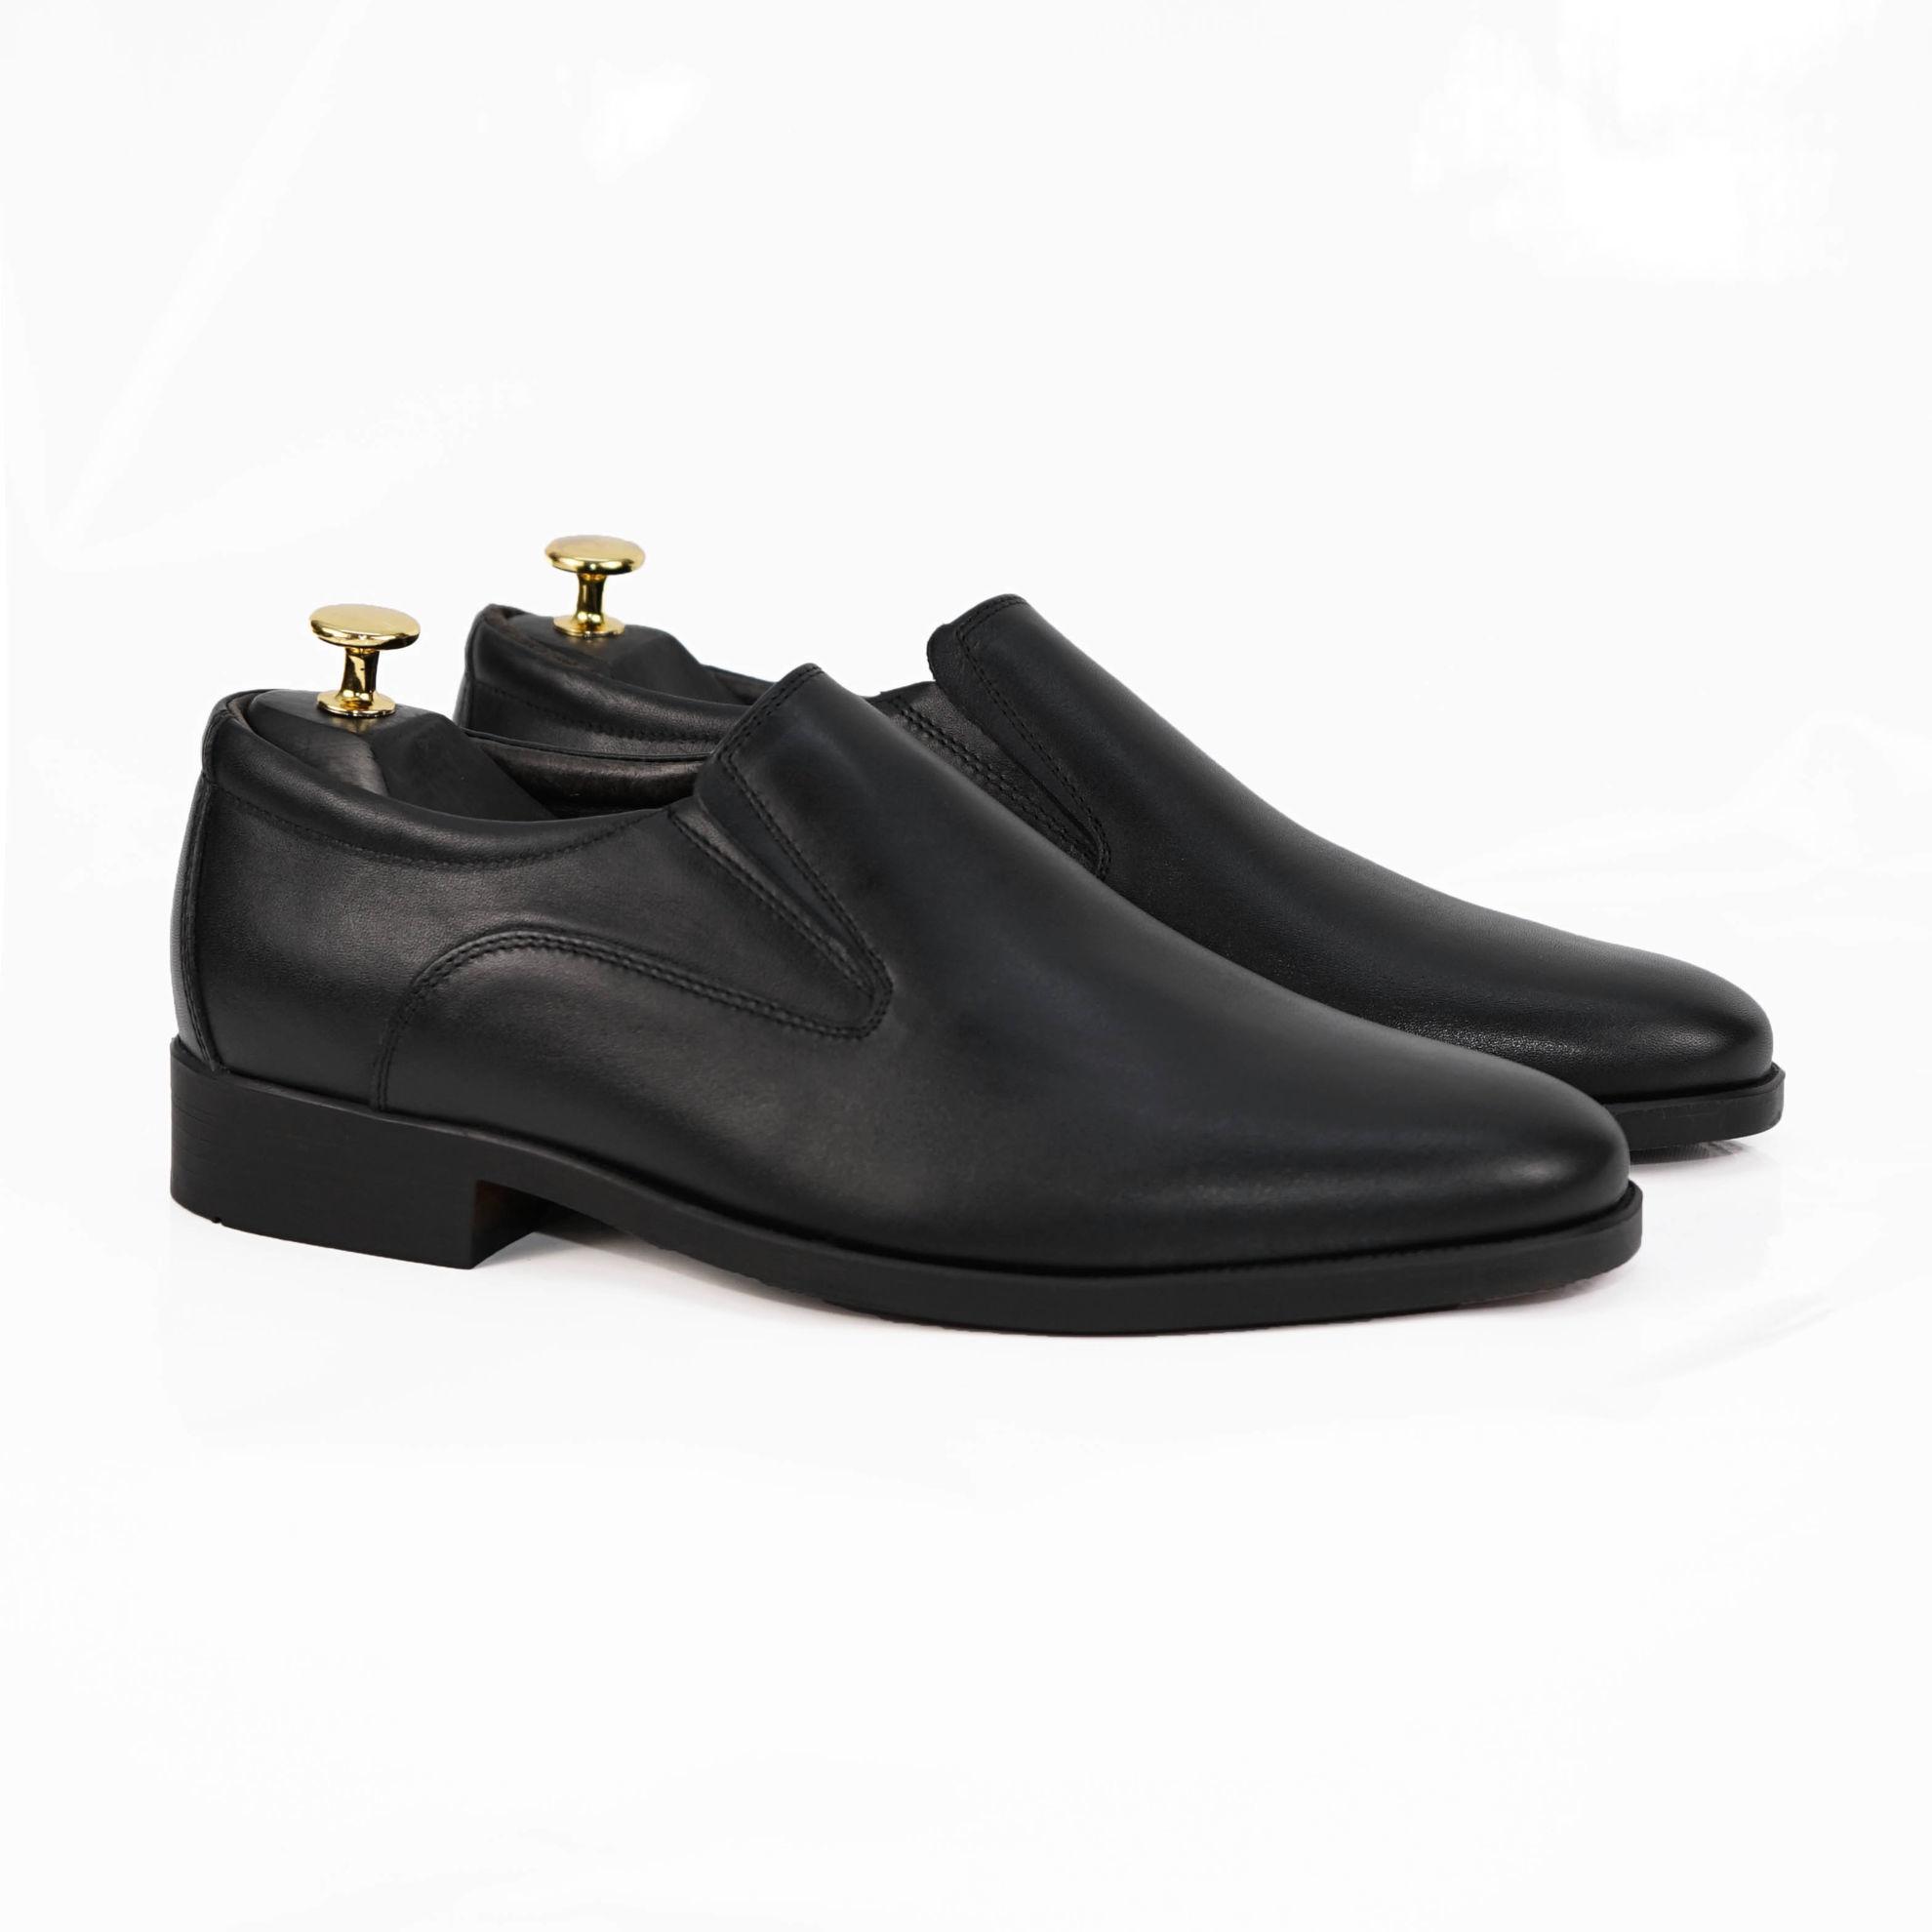 Imagine Pantofi eleganți bărbați din piele naturală 300 Negru